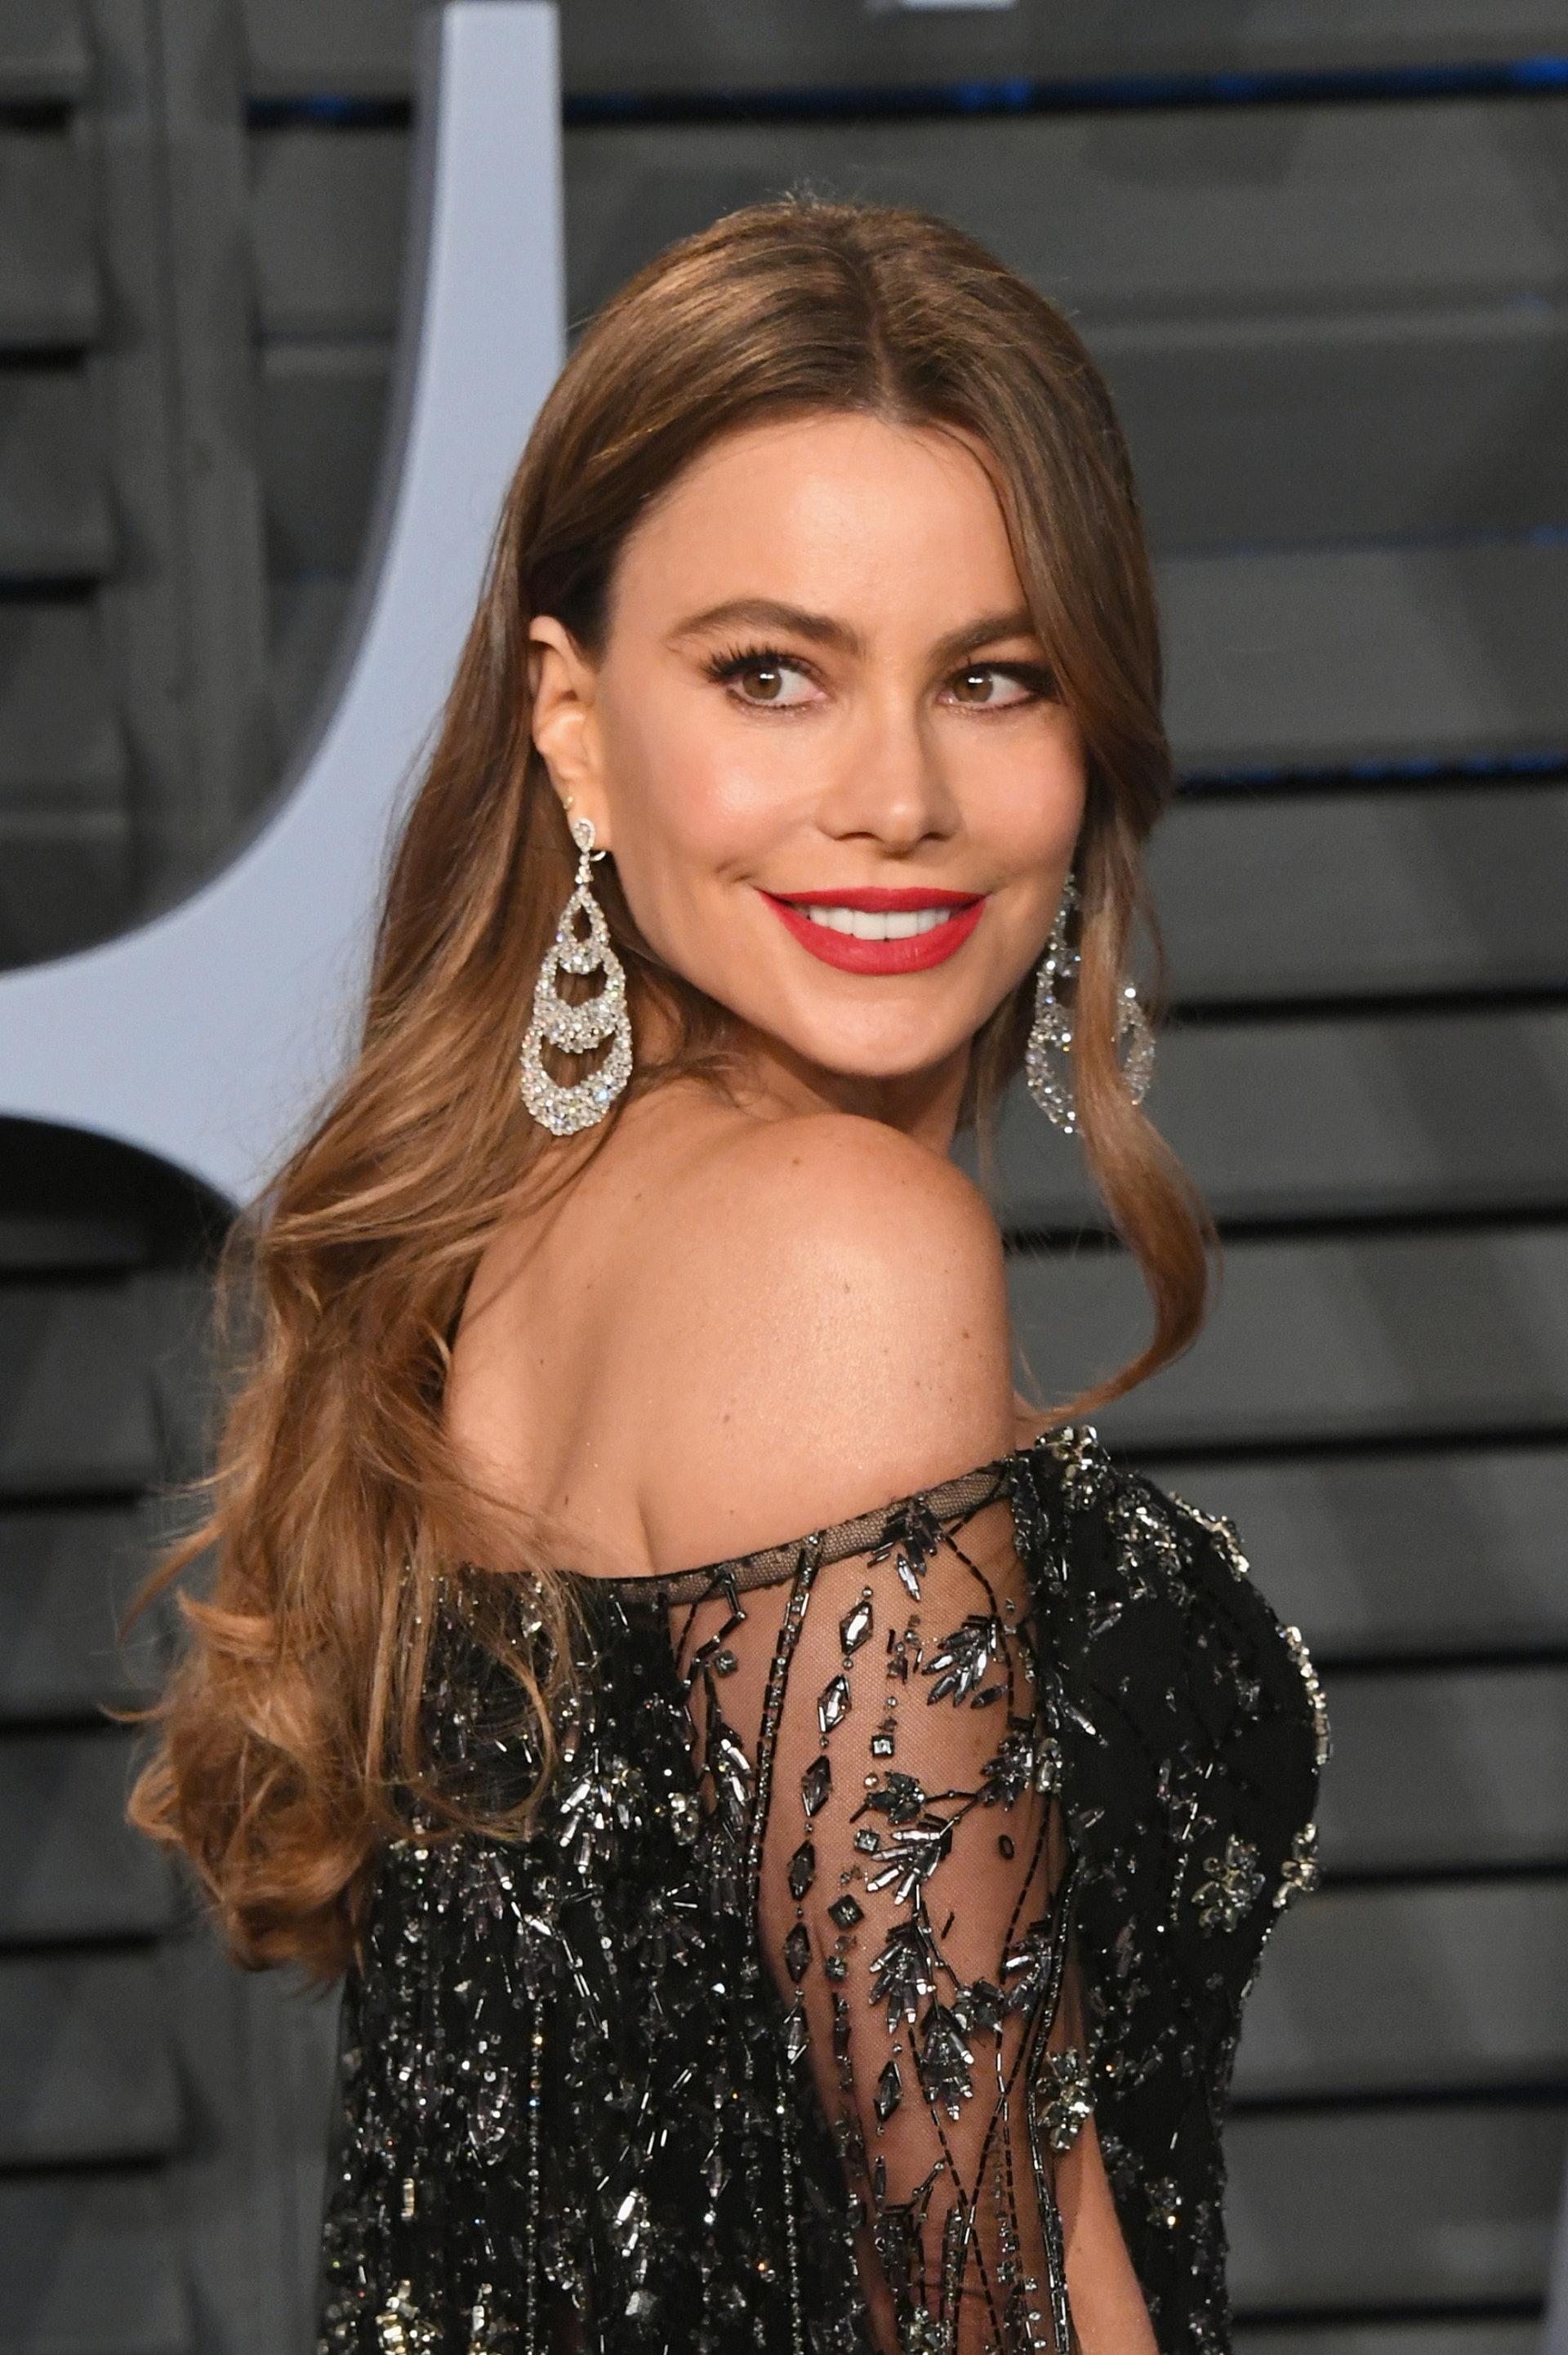 美國女星Sofia Vergara收入豐厚,超出第2位73%,連續連續7年成為電視界收入最高的女演員,連續3年成為年度收入最高的電視明星。(視覺中國)